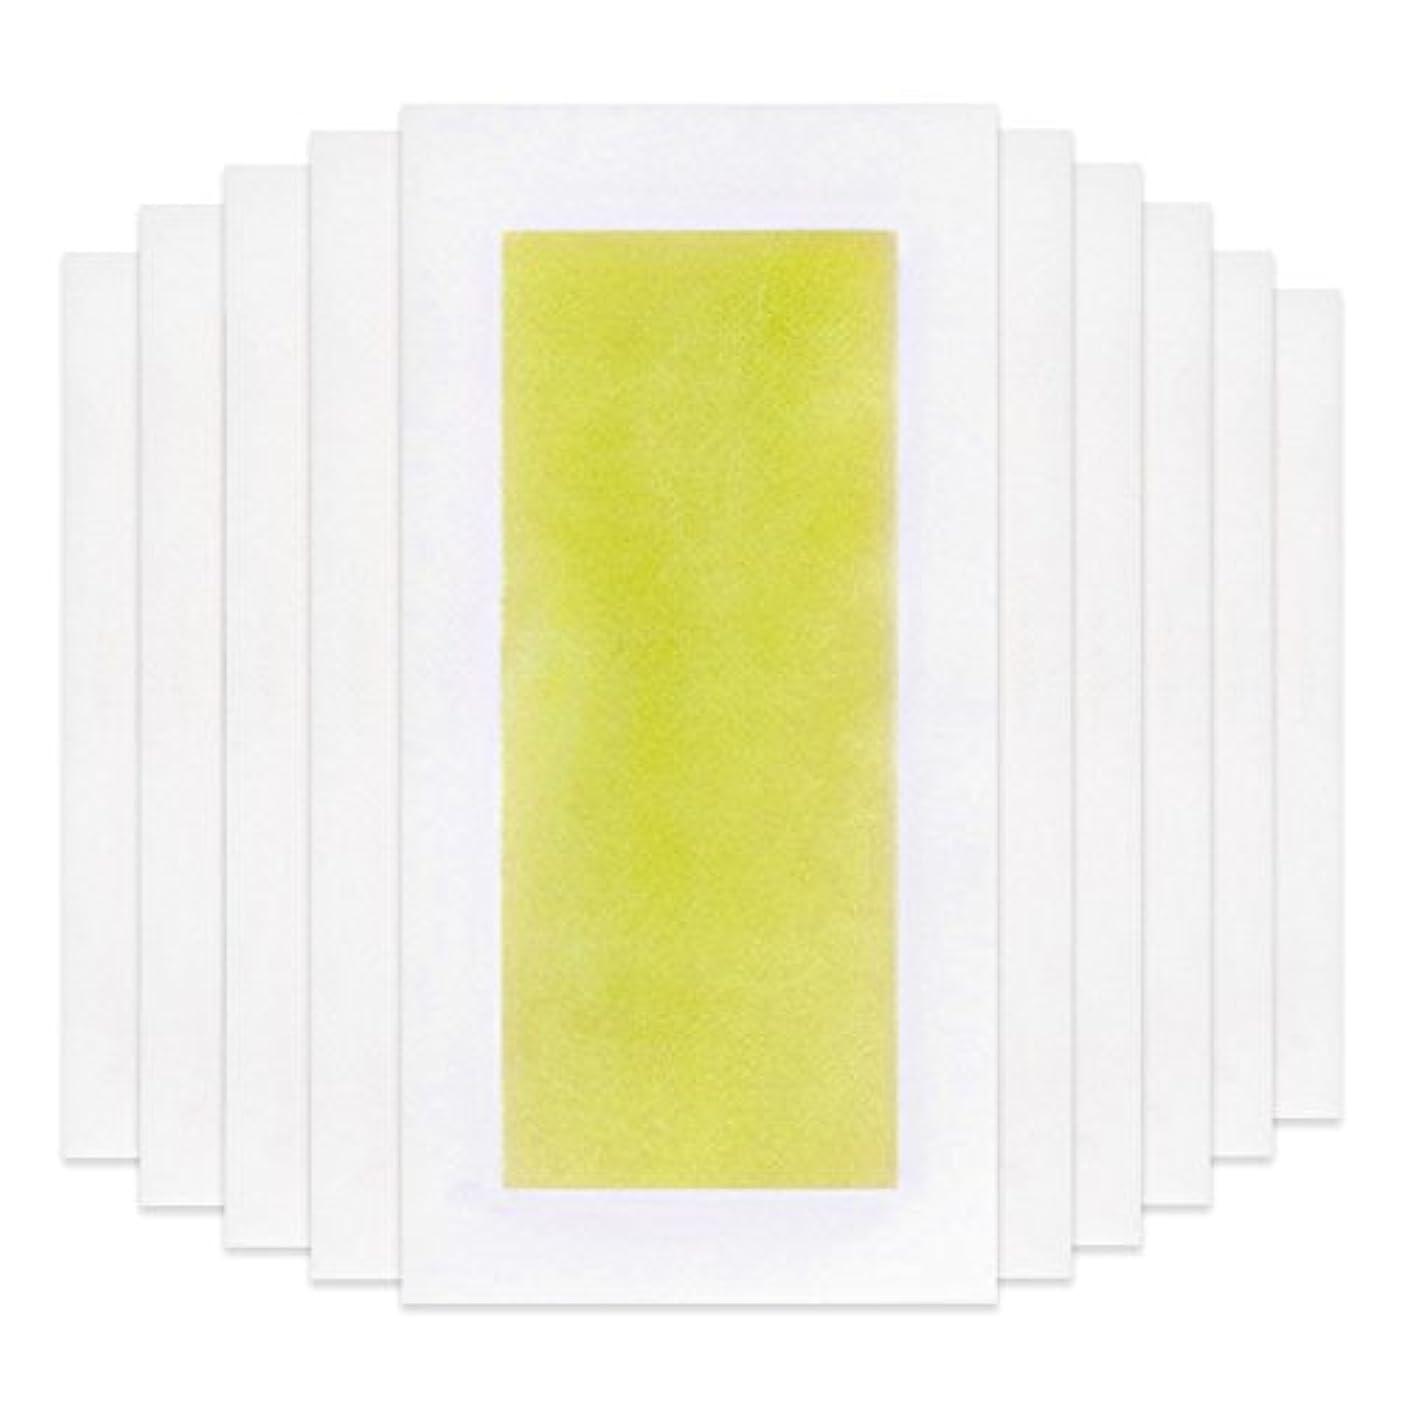 サラダあごひげ本部Rabugoo 脚の身体の顔のための10個のプロフェッショナルな夏の脱毛ダブルサイドコールドワックスストリップ紙 Yellow